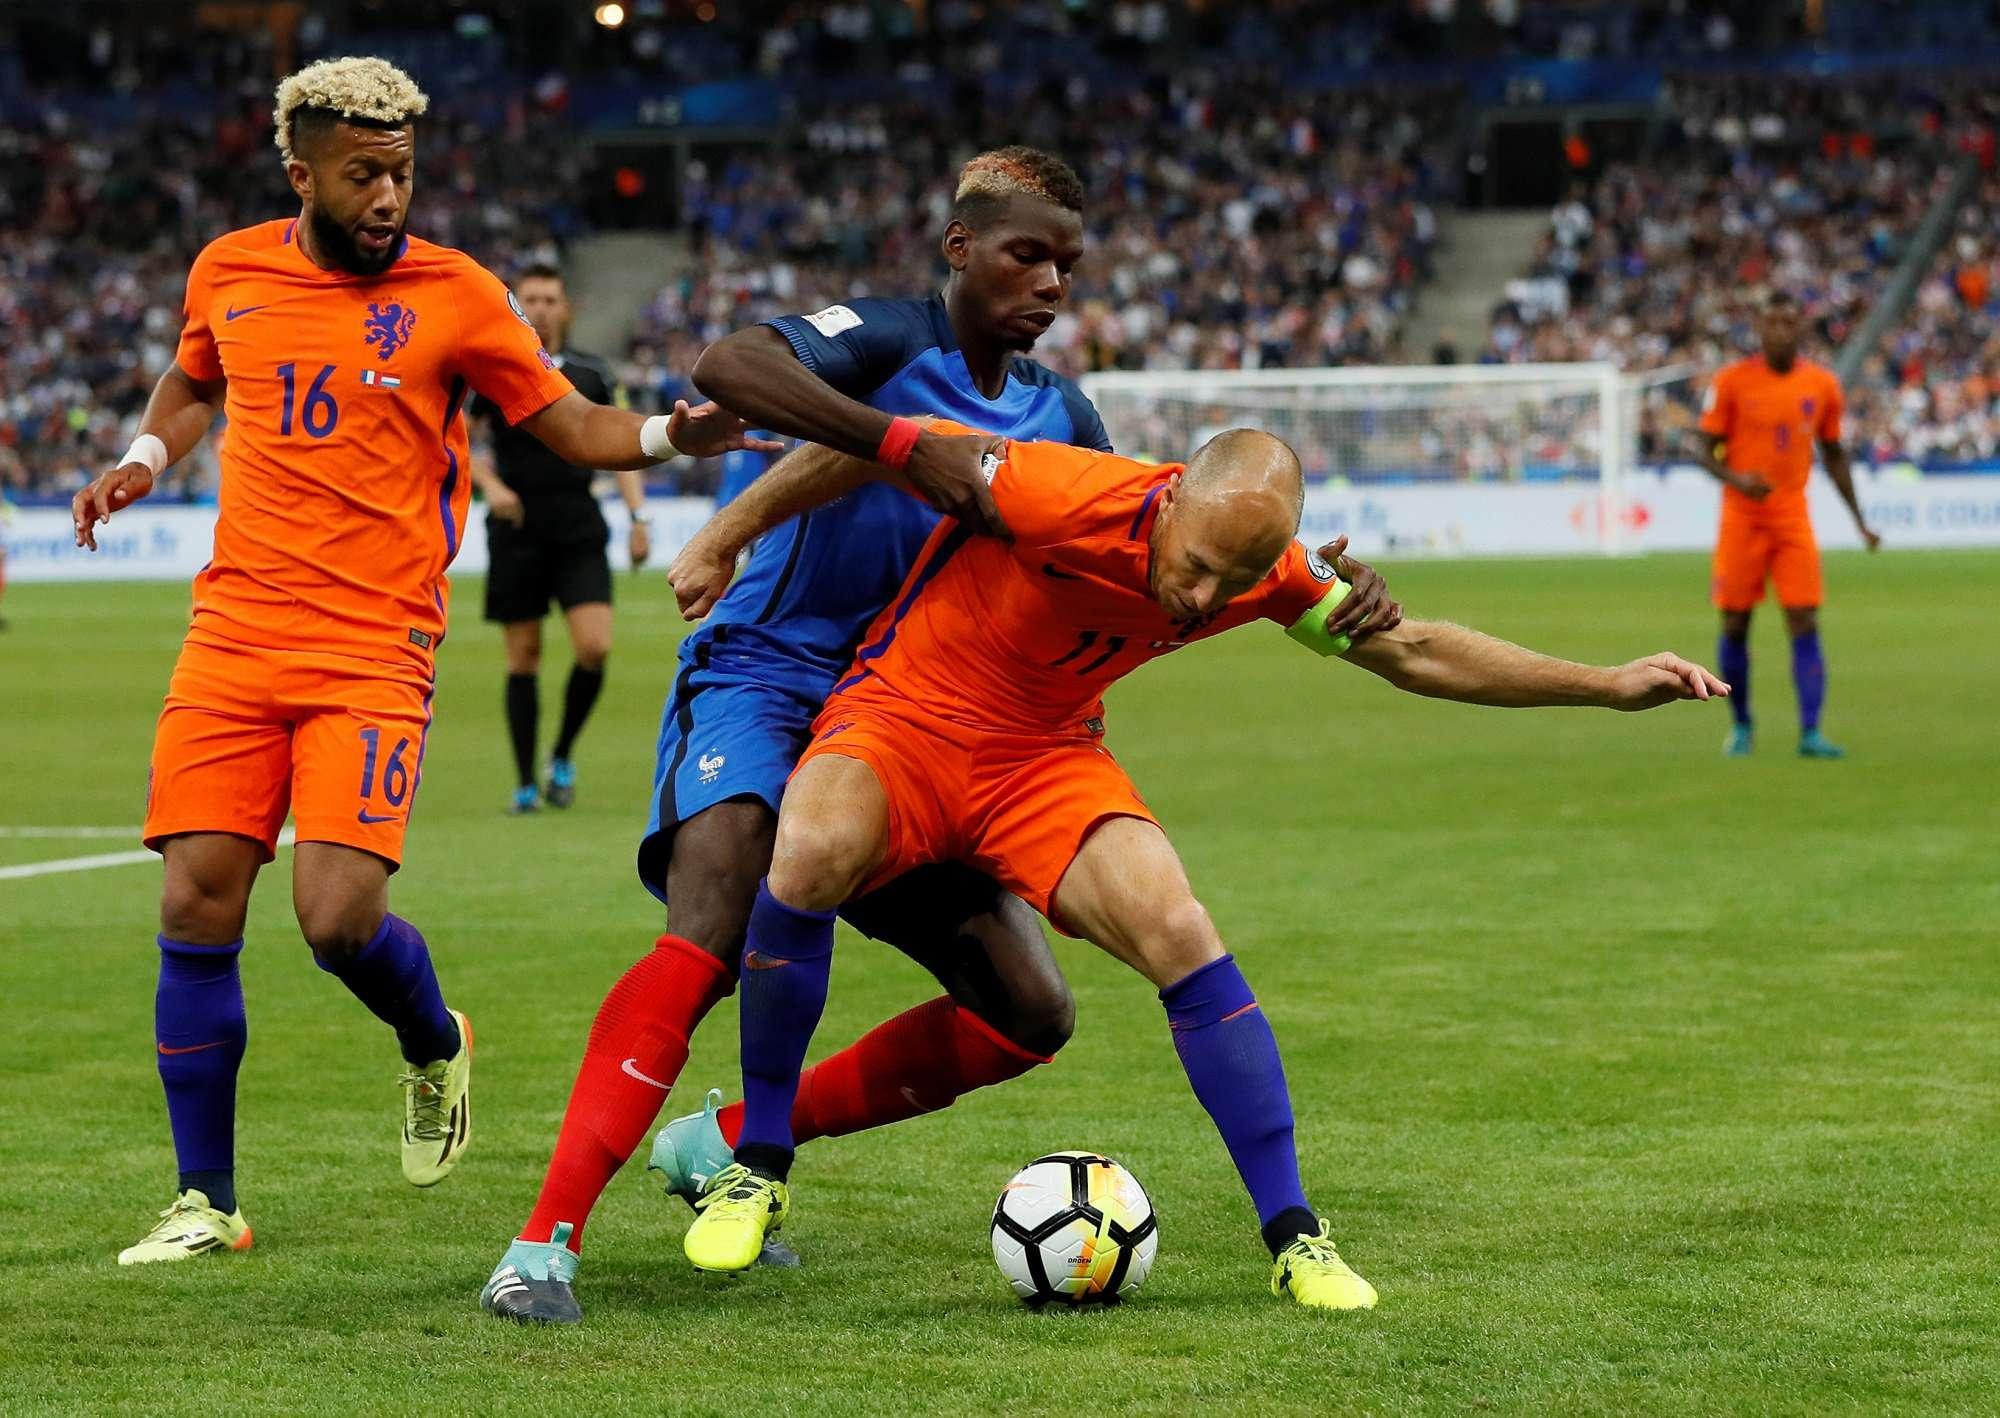 Hà Lan vừa thua Pháp 0-4